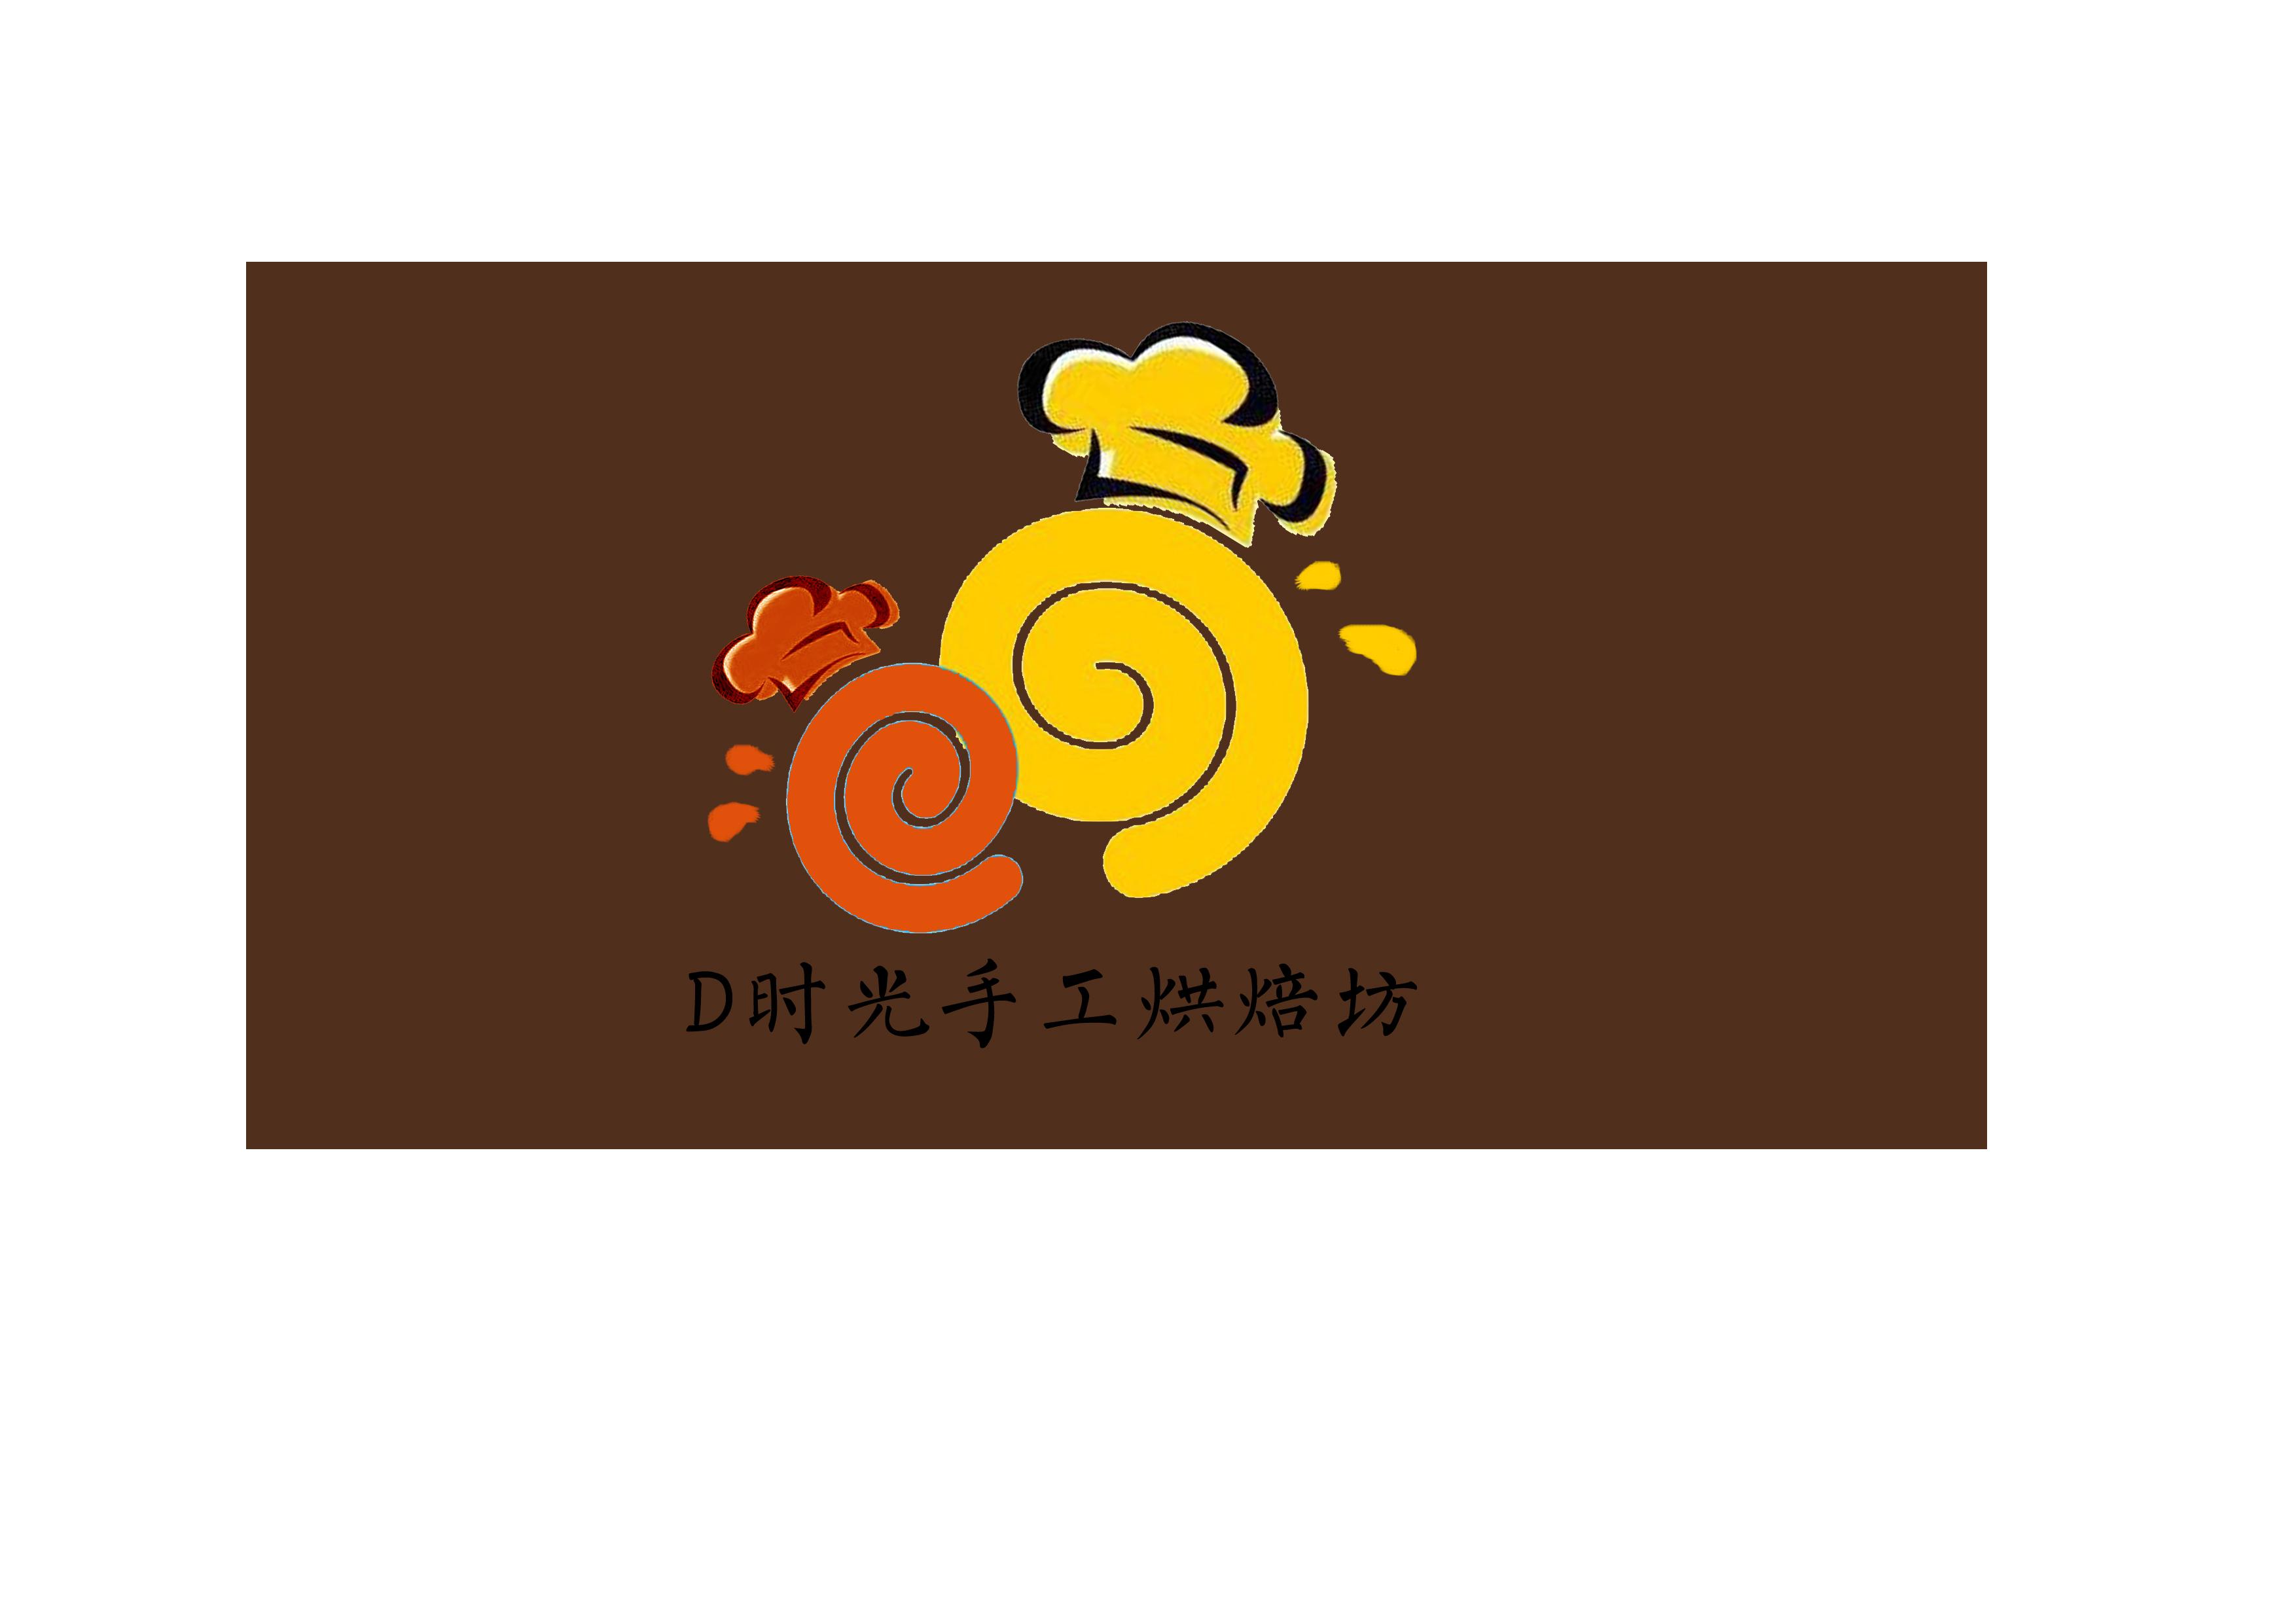 休闲diy工作室logo设计